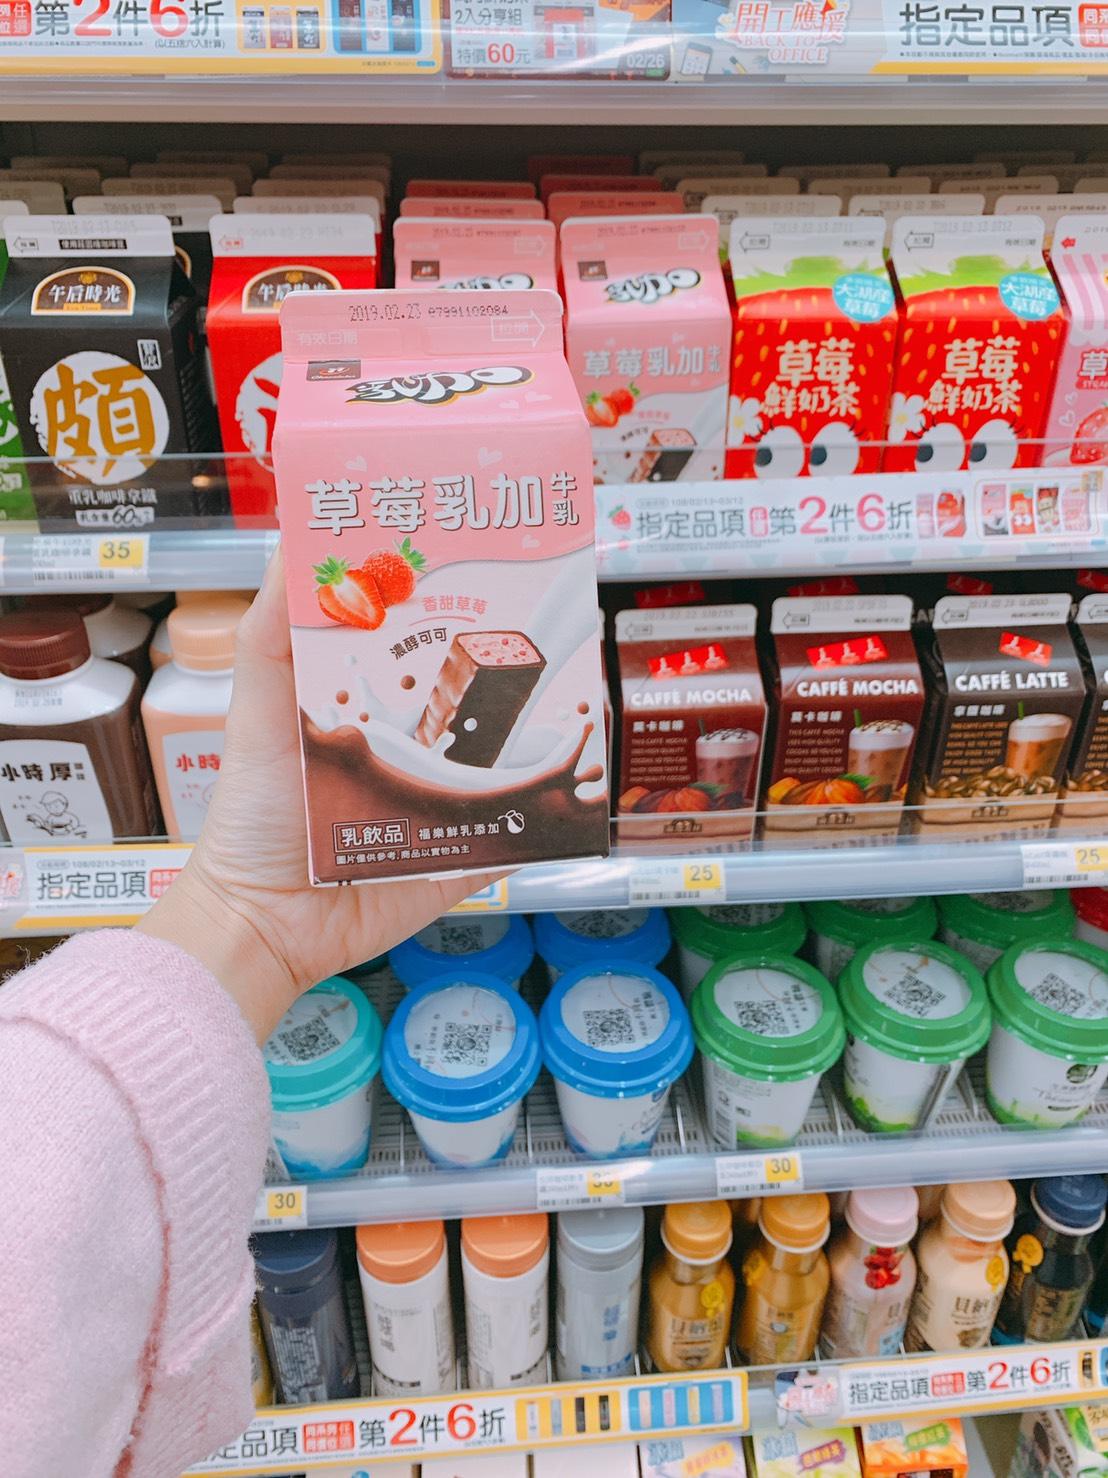 77草莓乳加牛乳/NT.35